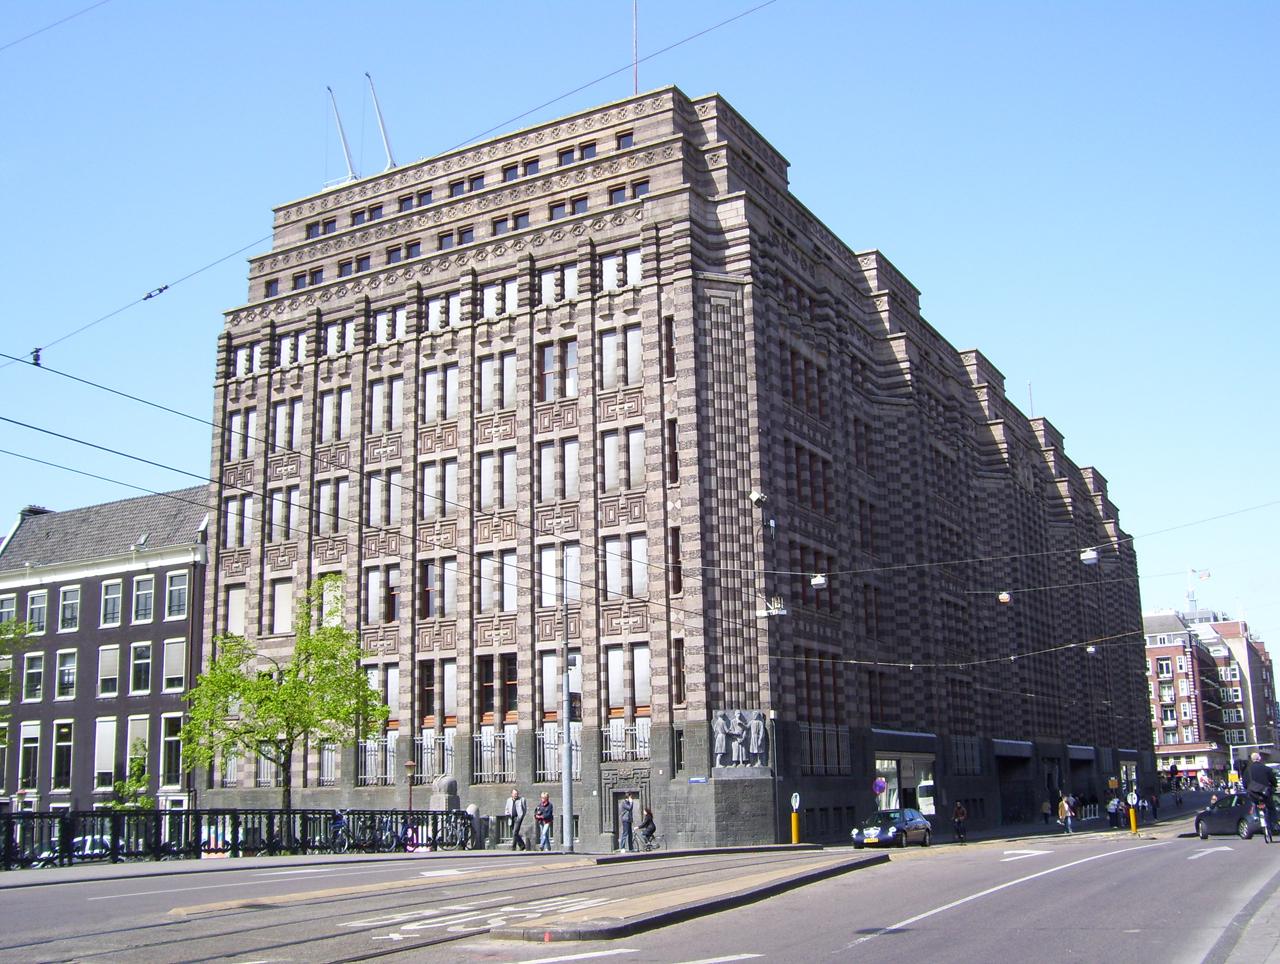 Amsterdam_Gemeente_Archief_Photographer_Michiel_van_Raaij_6_S